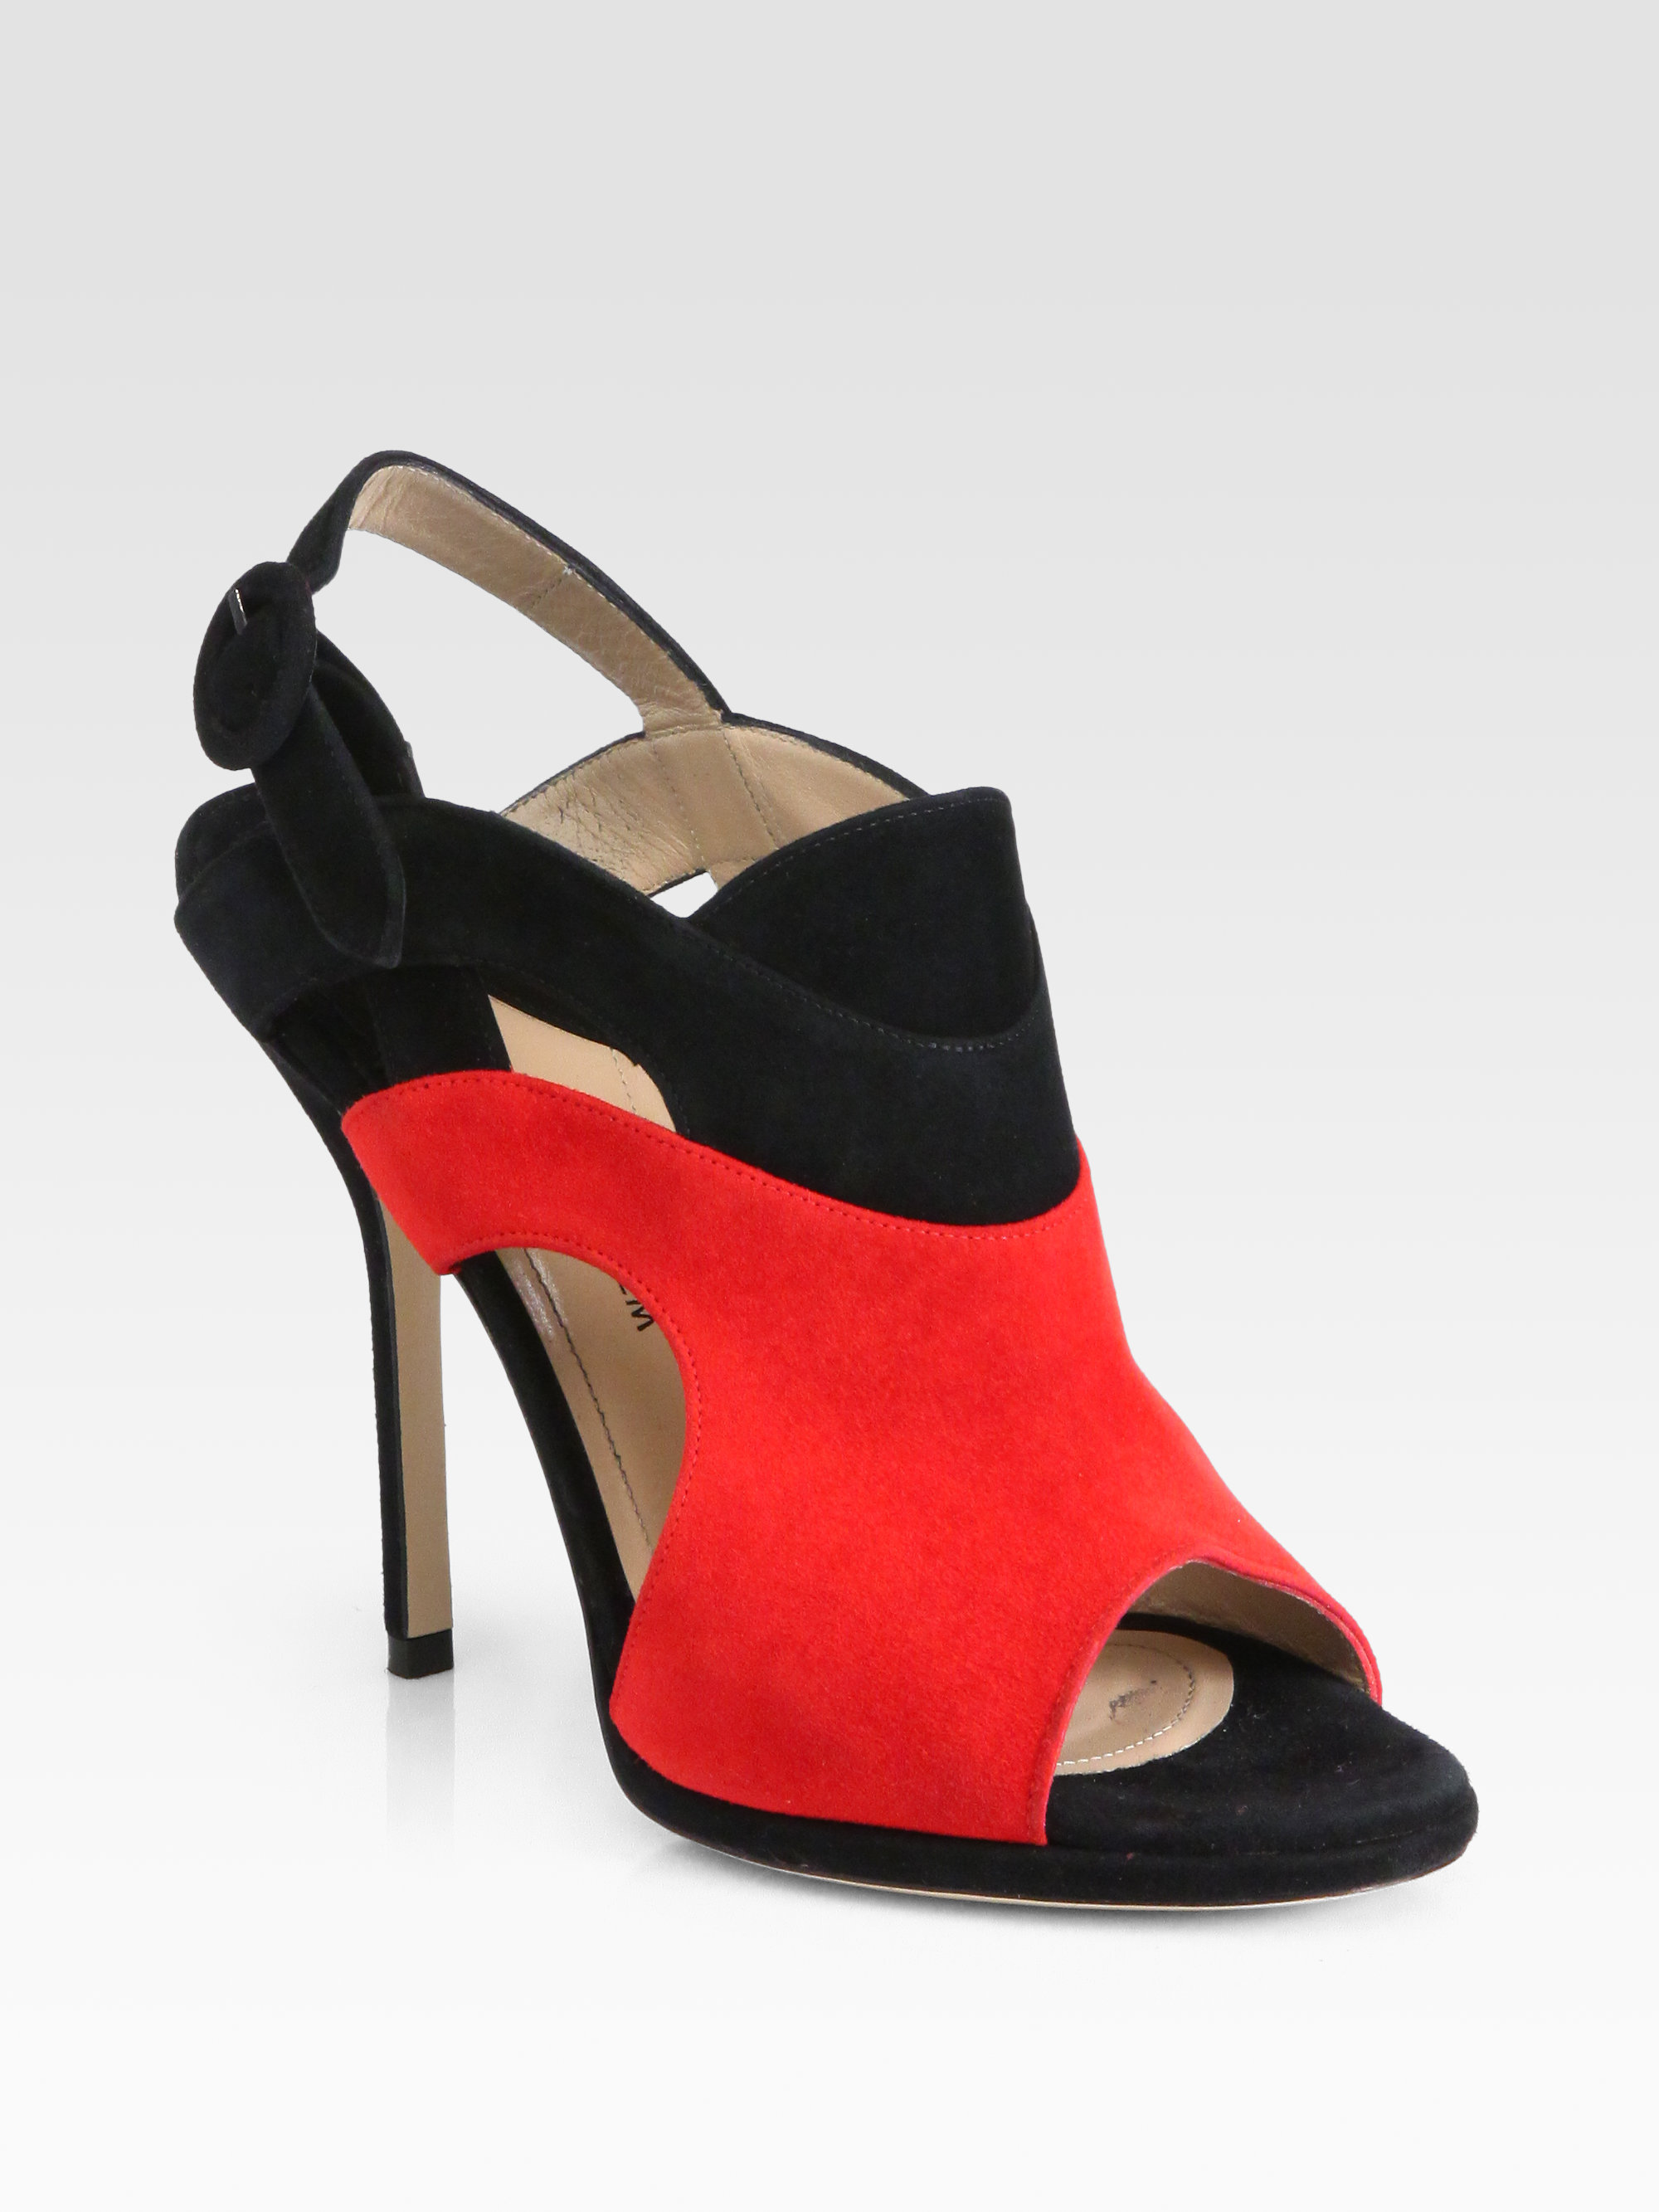 Paul Andrew Artemis Suede Slingback Sandals in Red (black ...